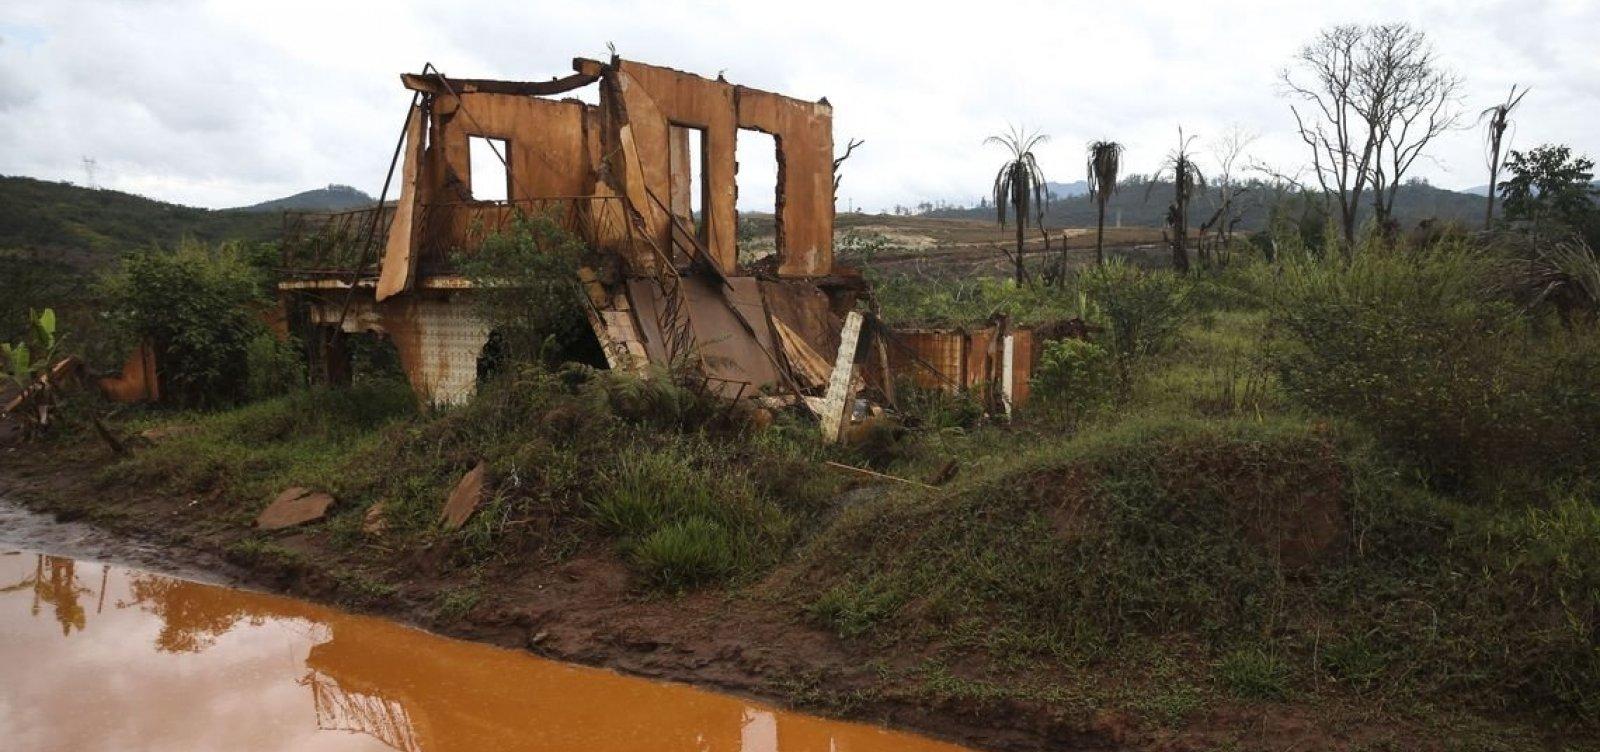 Vale recebe autorização para voltar a operar mina em Mariana